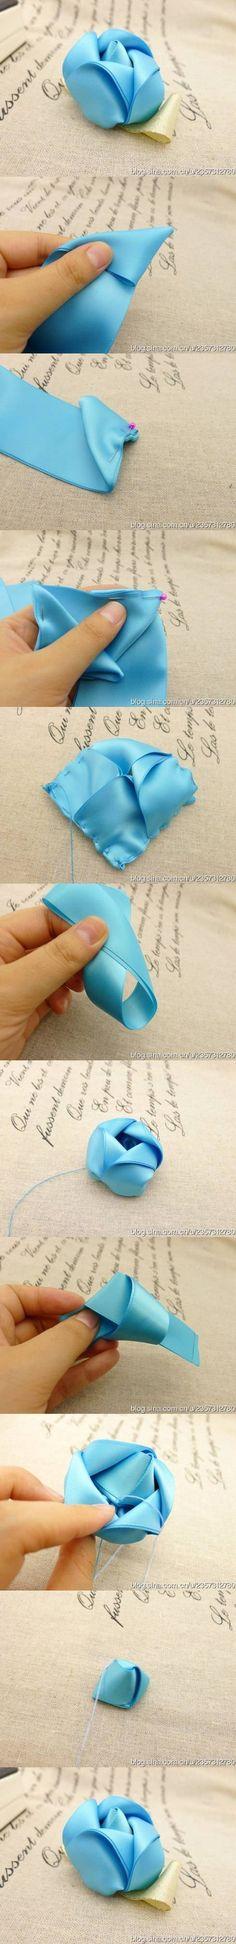 DIY Rosette Ribbons